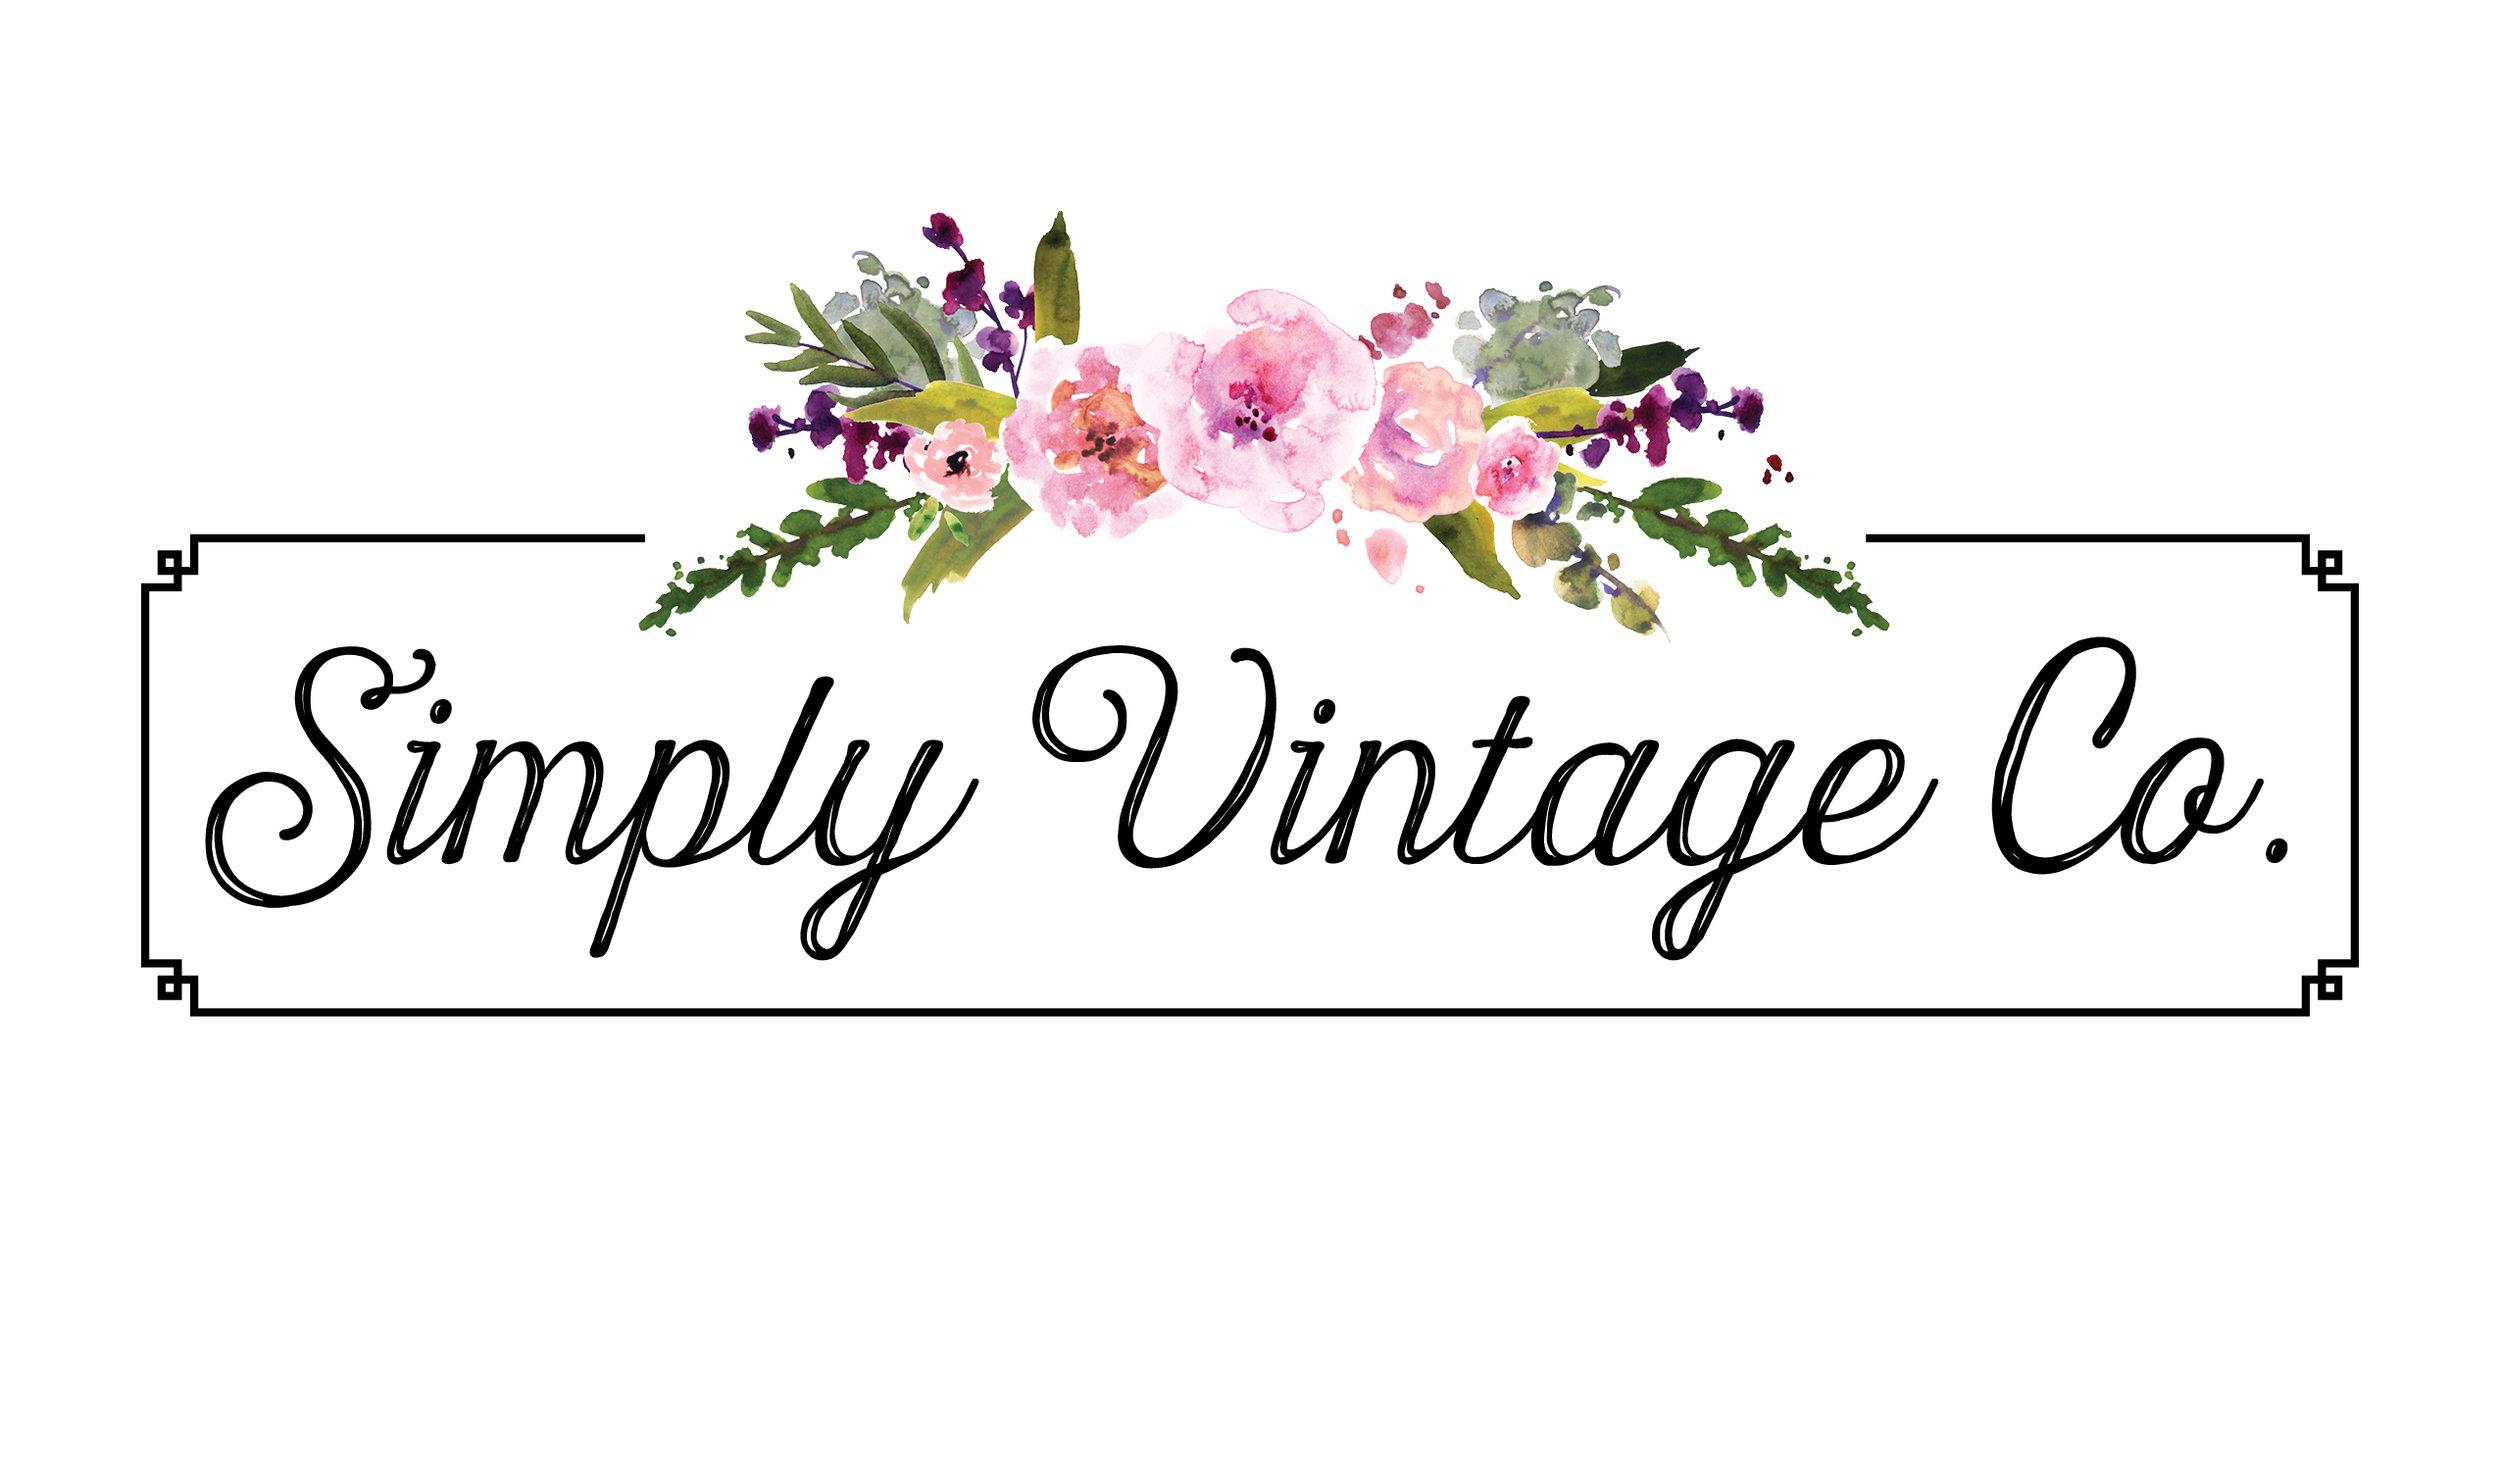 SVCo floral logo.jpg